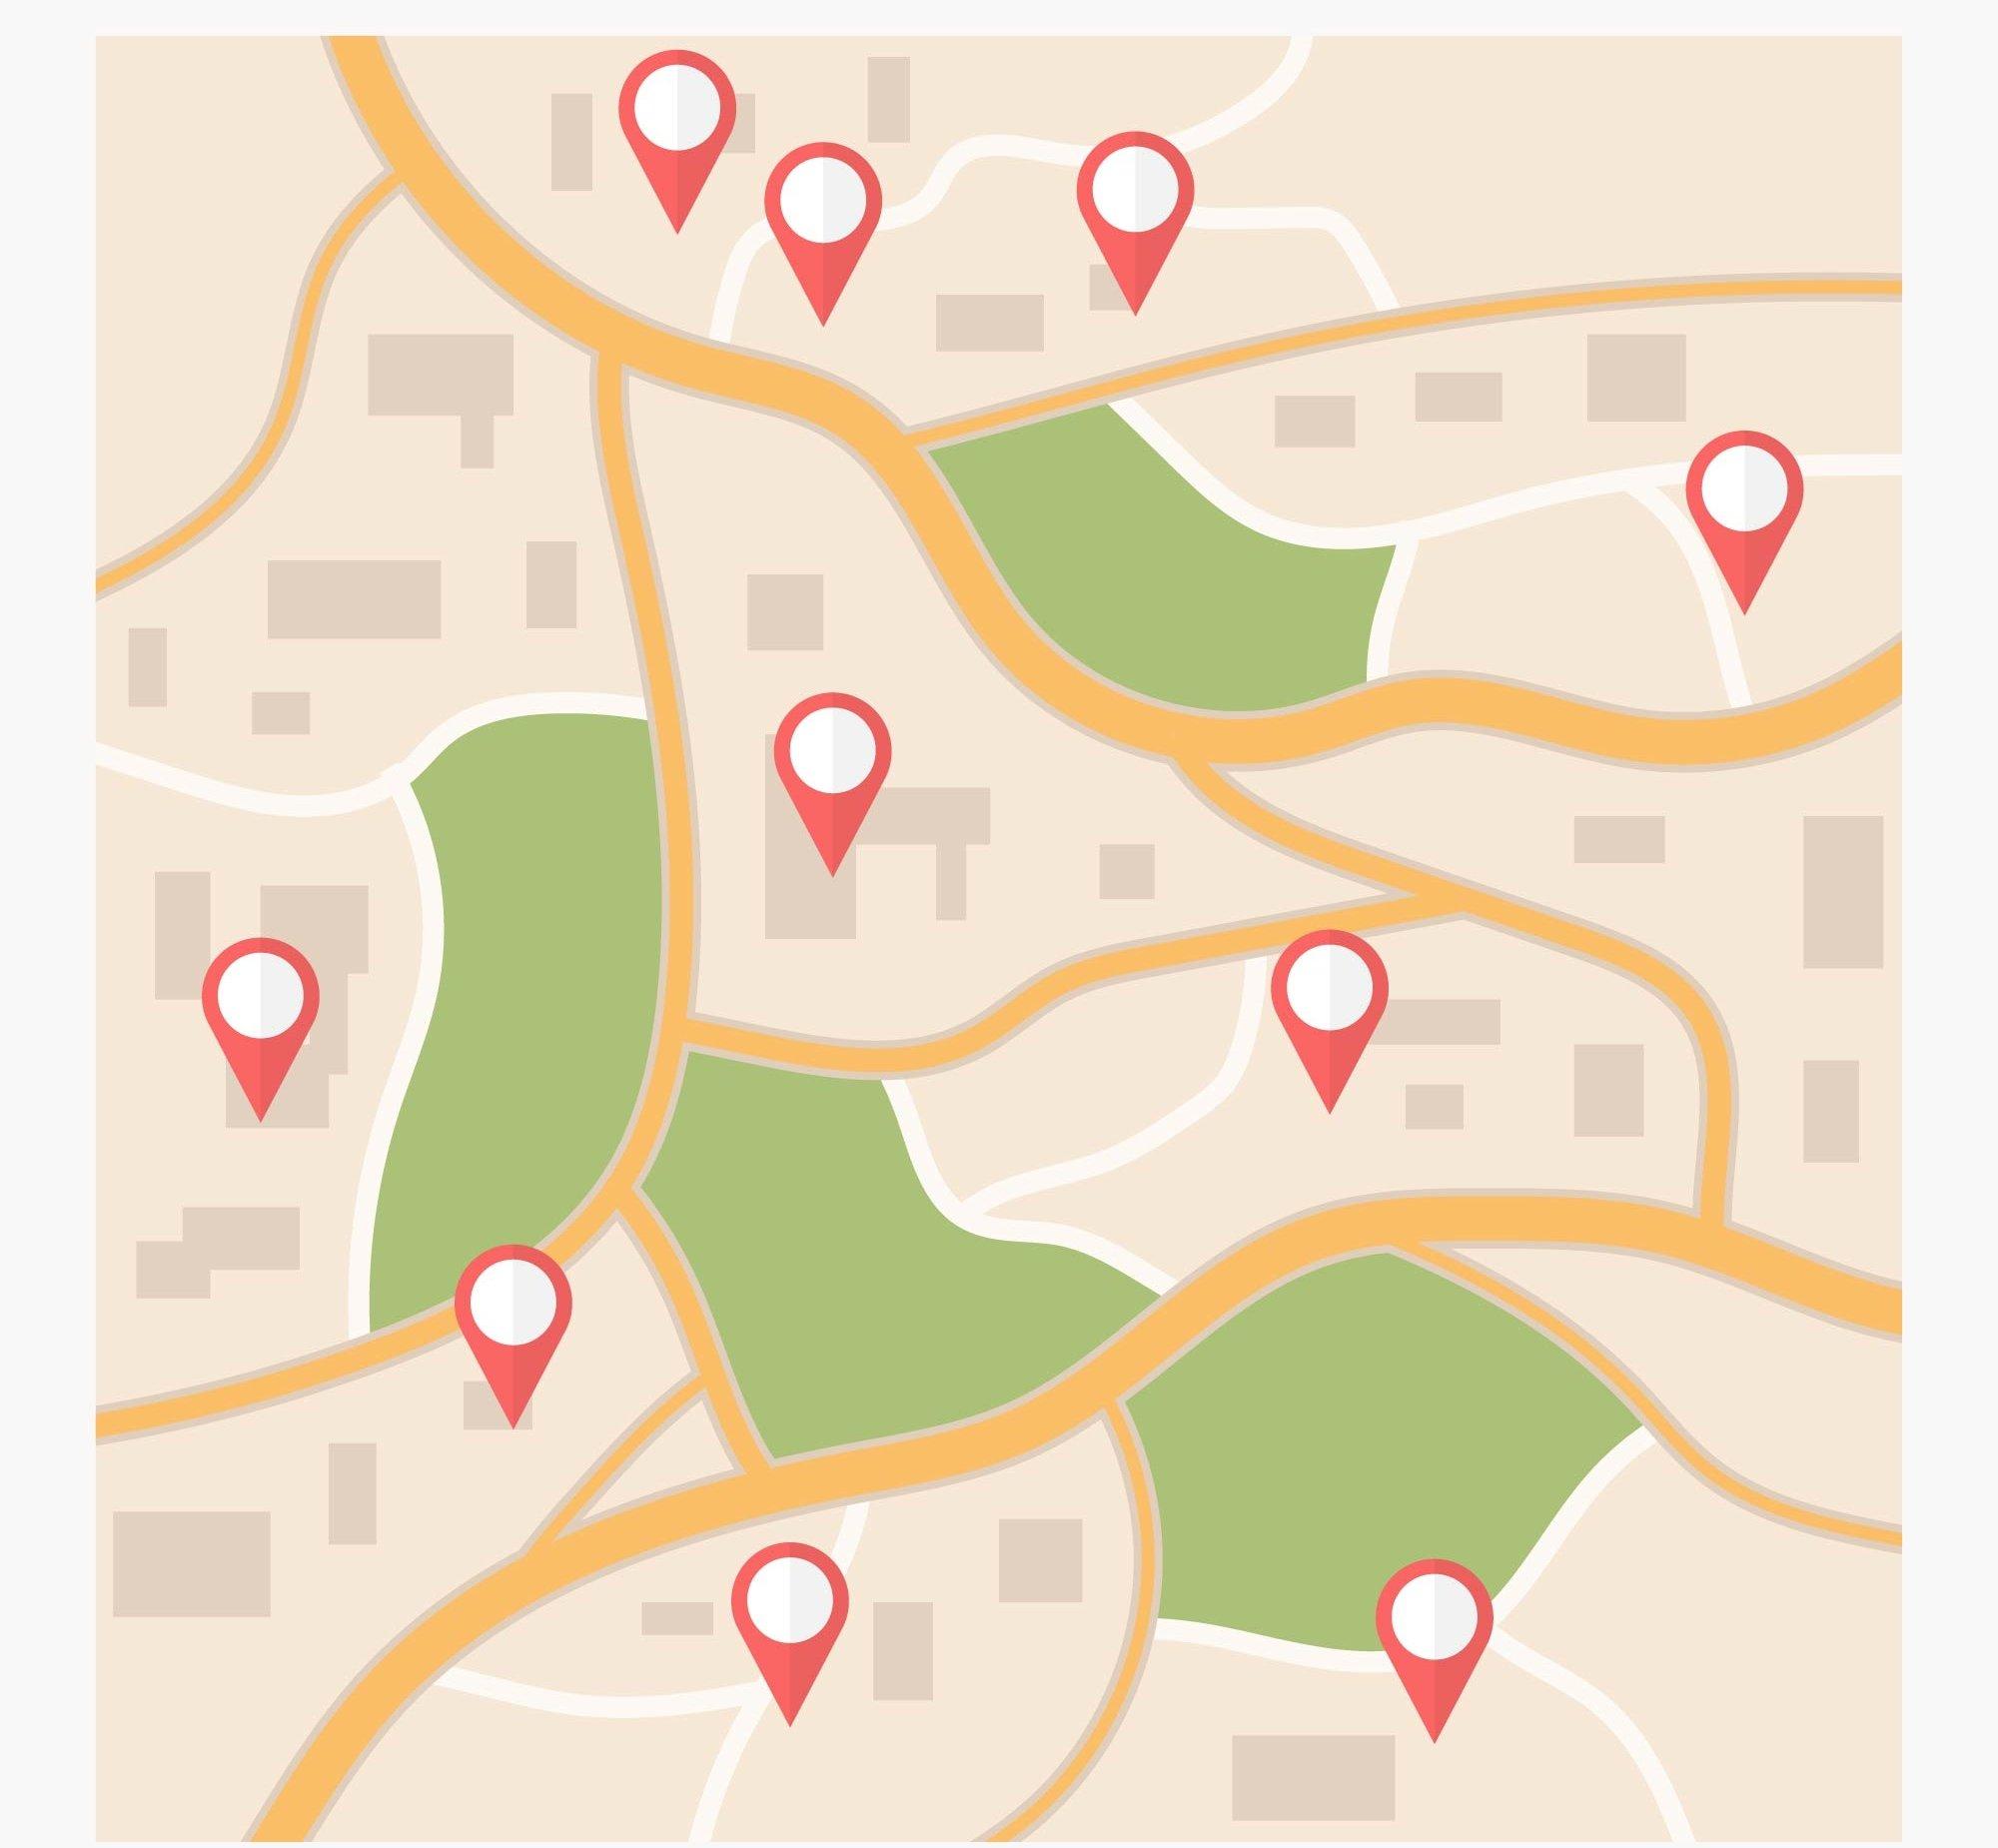 ubicaciones en google maps de negocios locales